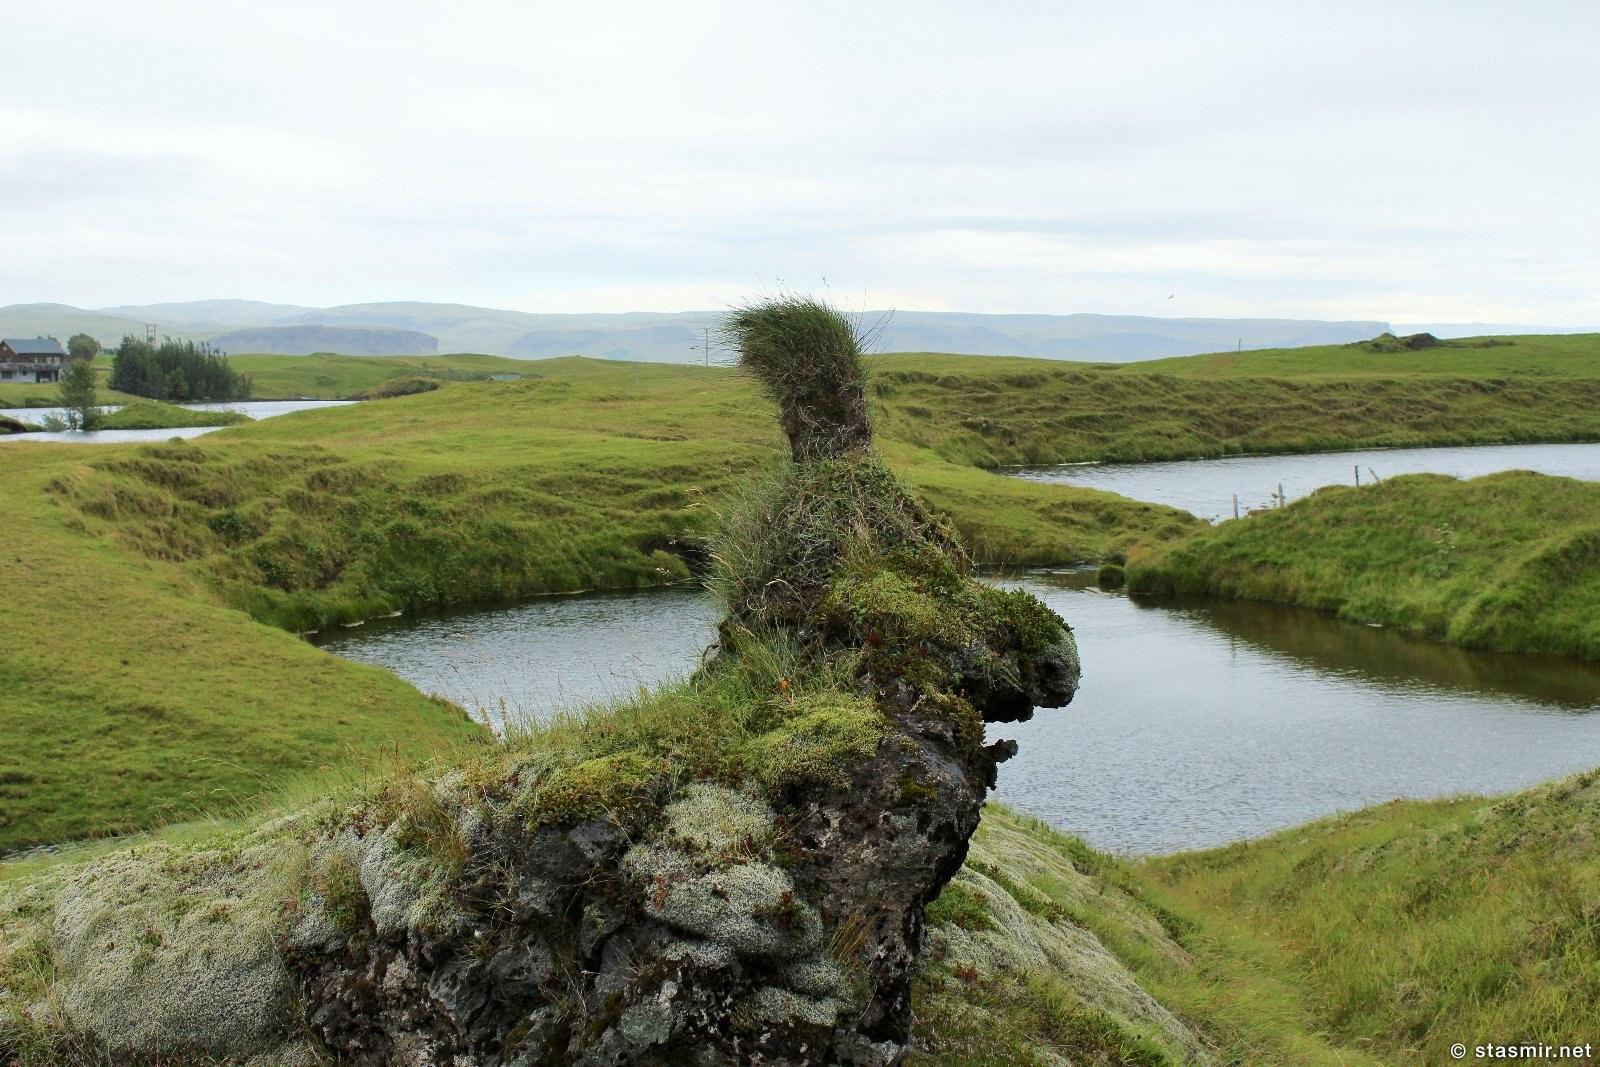 головы троллей на поле лавы возле Киркьюбайярклёйстюр, Исландия, фото Стасмир, Photo Stasmir